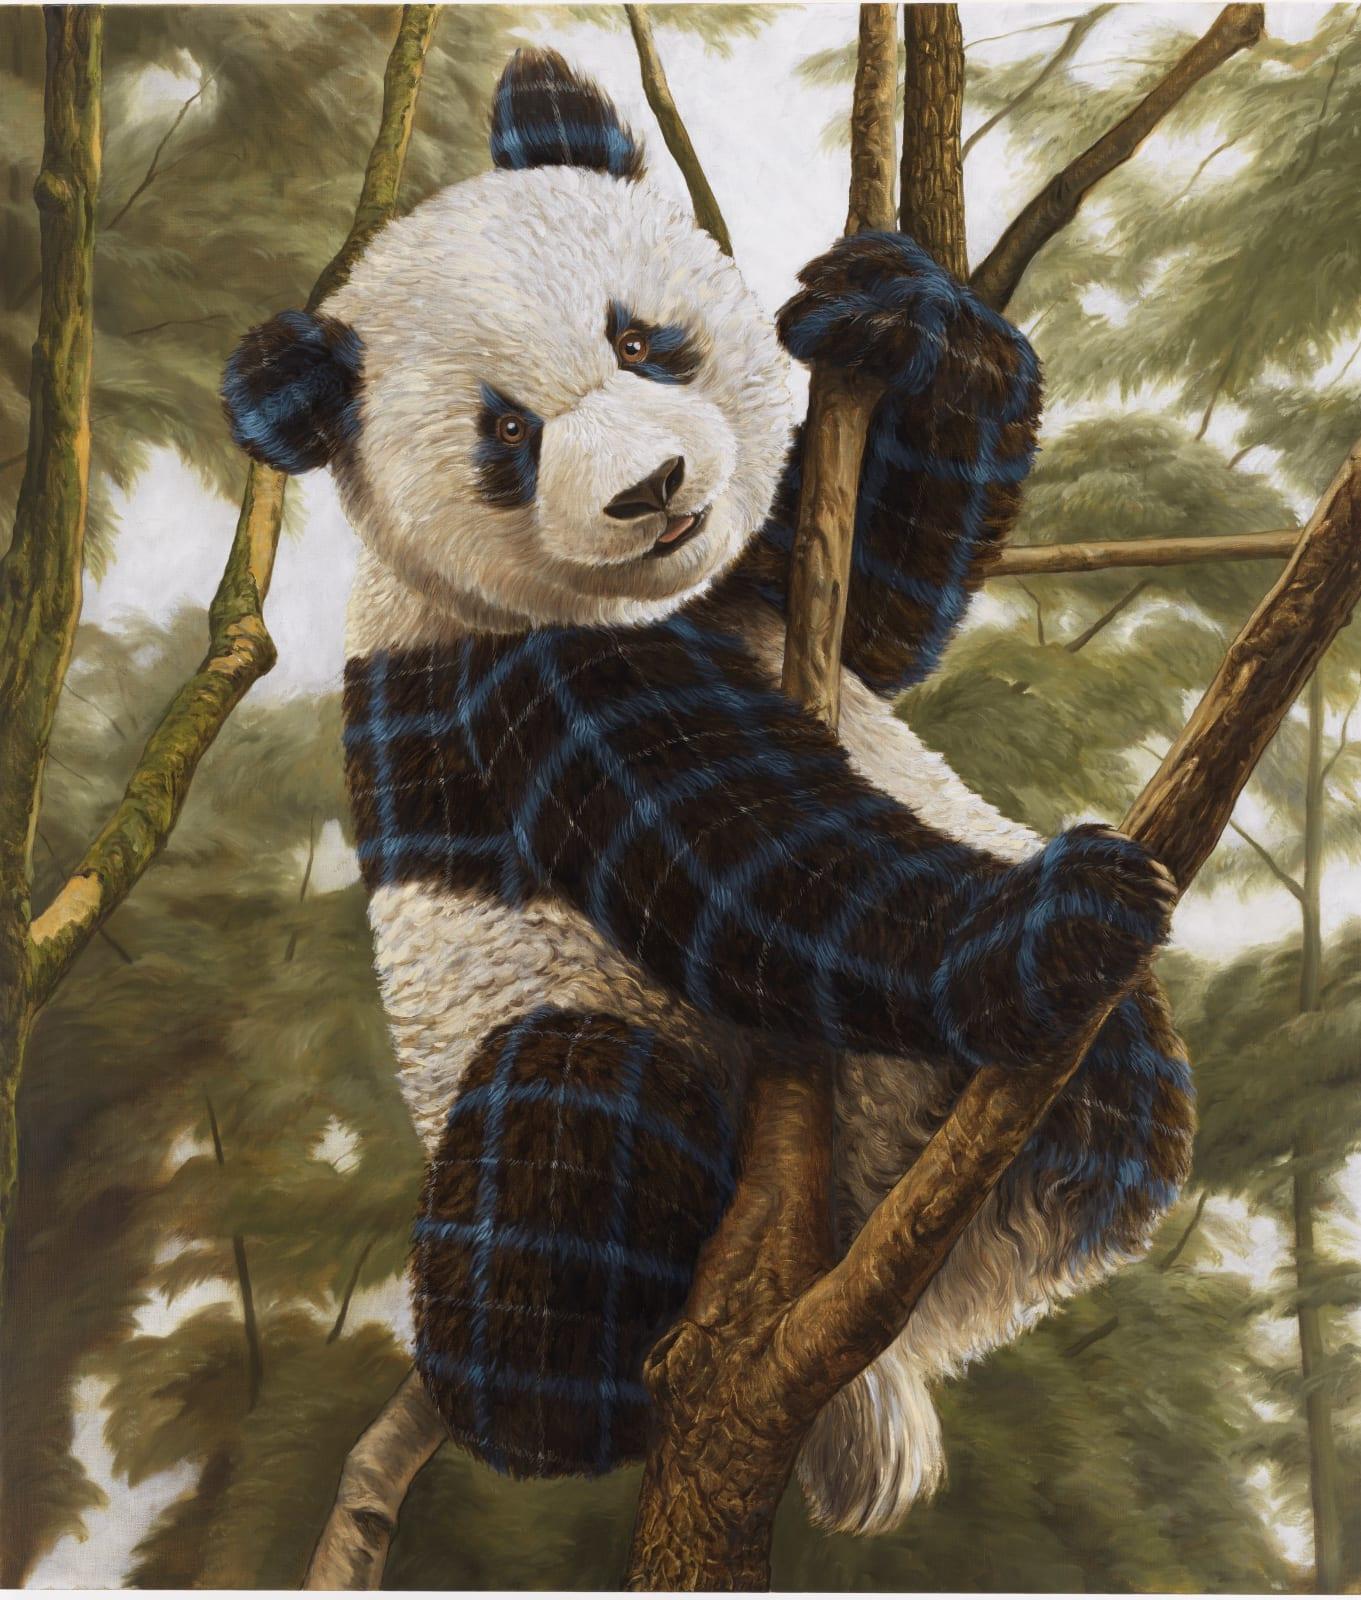 Sean Landers, Panda Cub, 2019